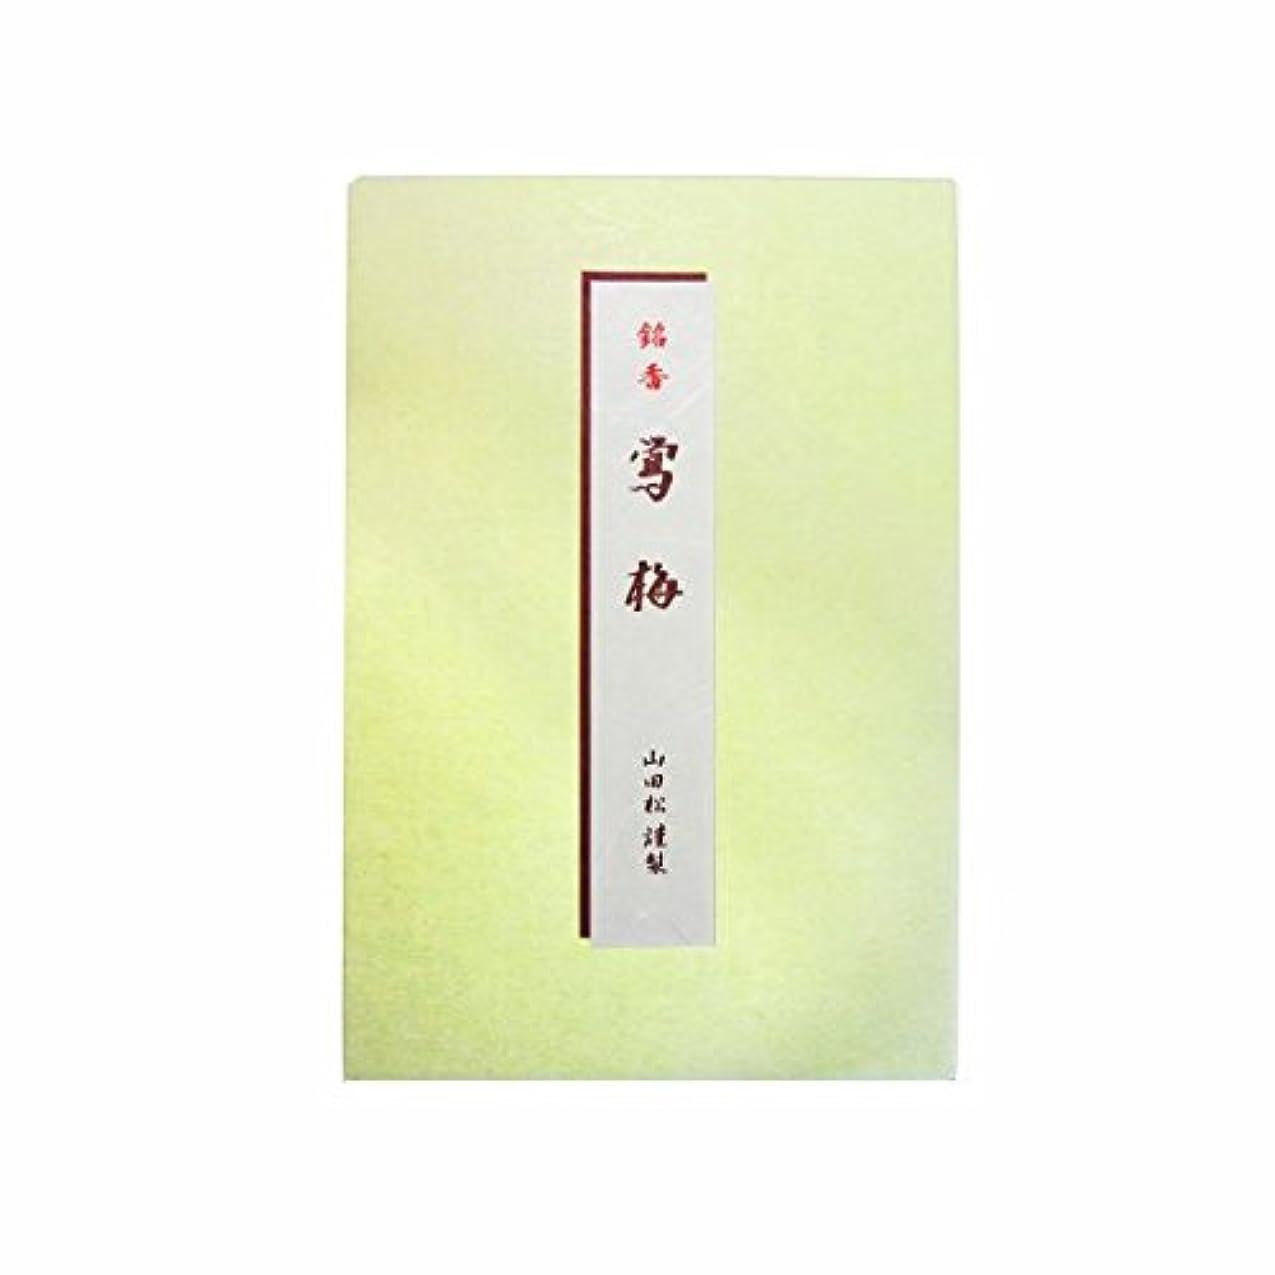 獲物ブラウザパステル鴬梅 短寸 バラ詰